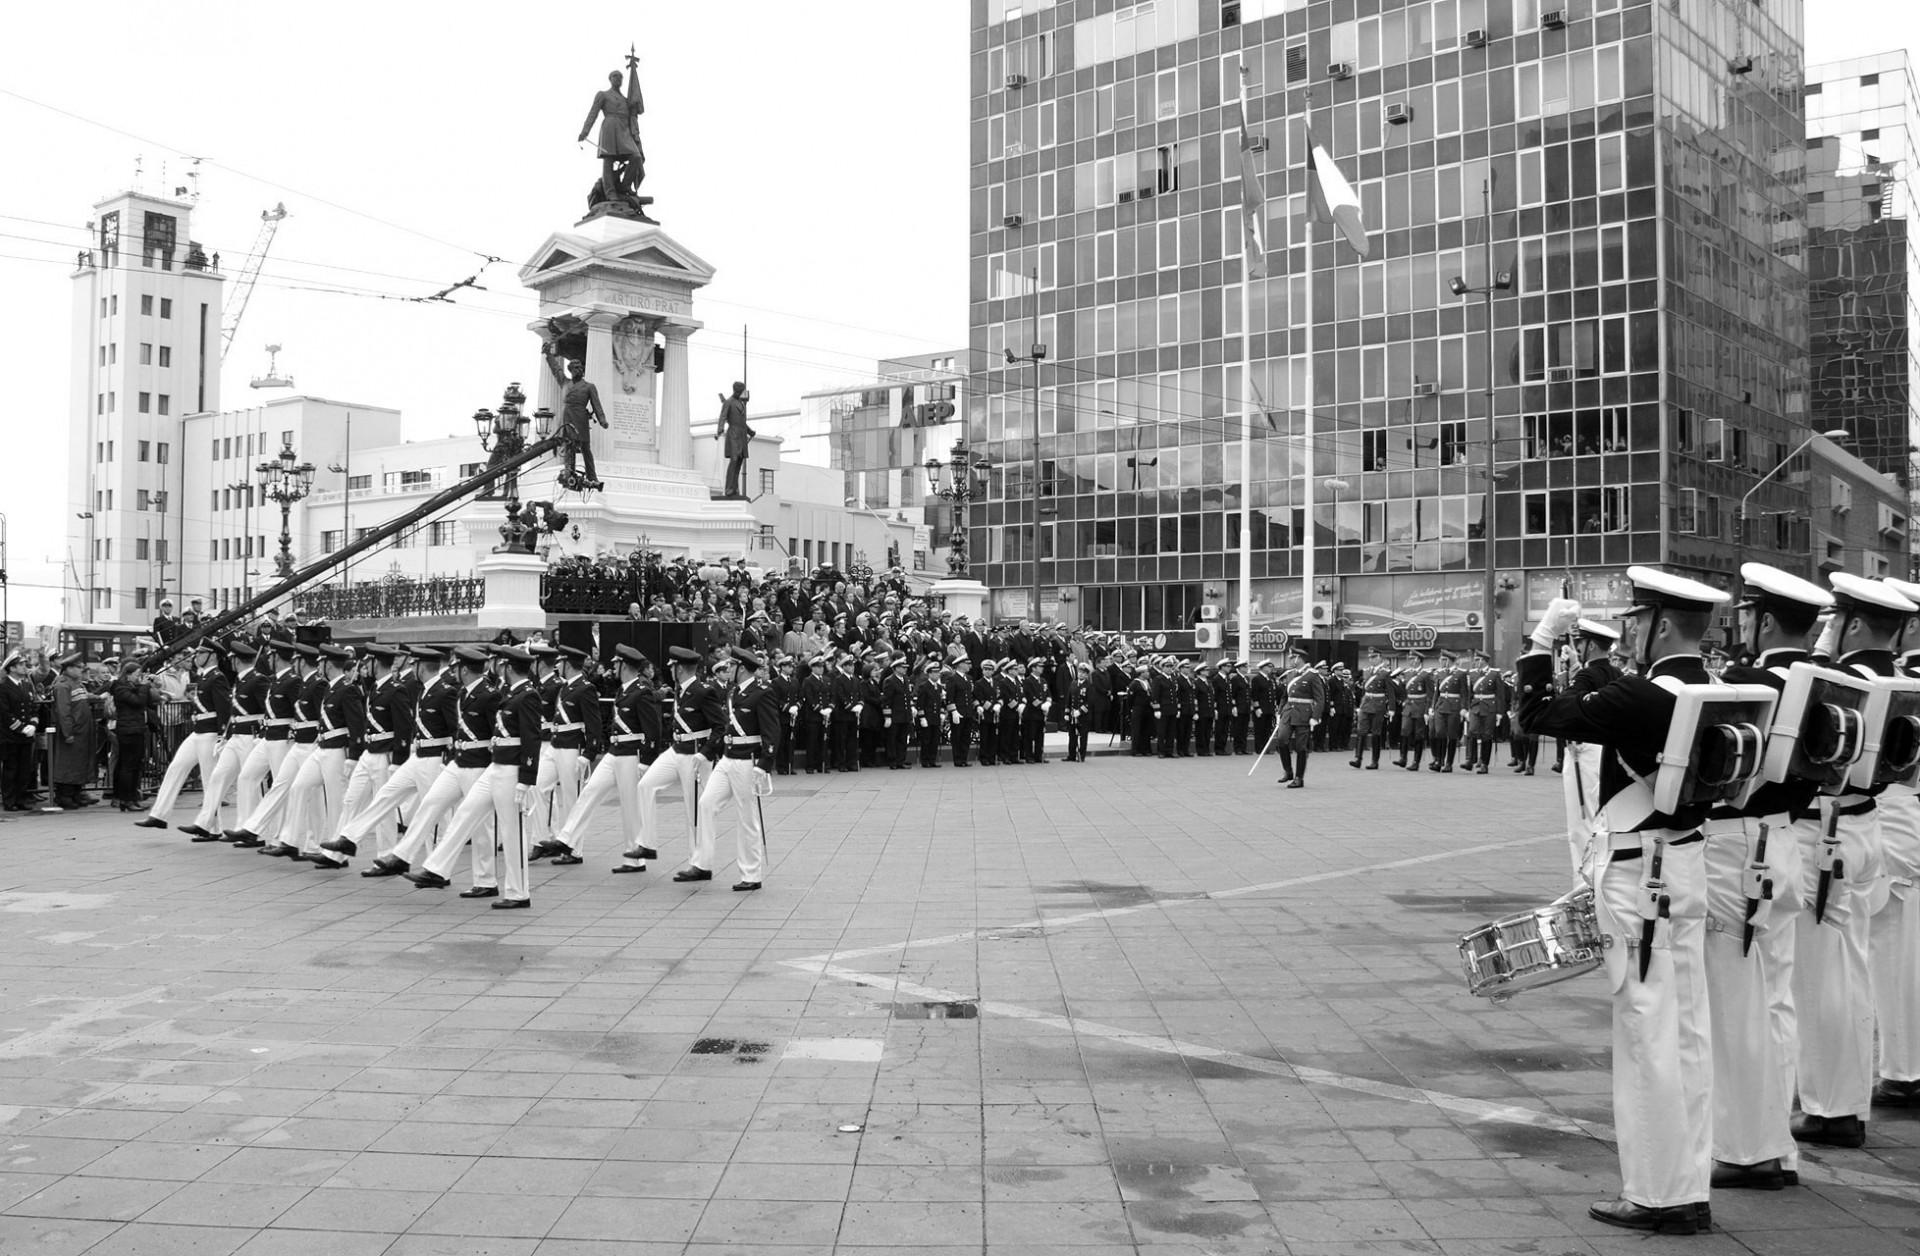 En el otro extremo de la ciudad, el tradicional desfile militar del 21 de mayo muestra la otra cara de esta fecha en Valparaíso. Foto: Presidencia.